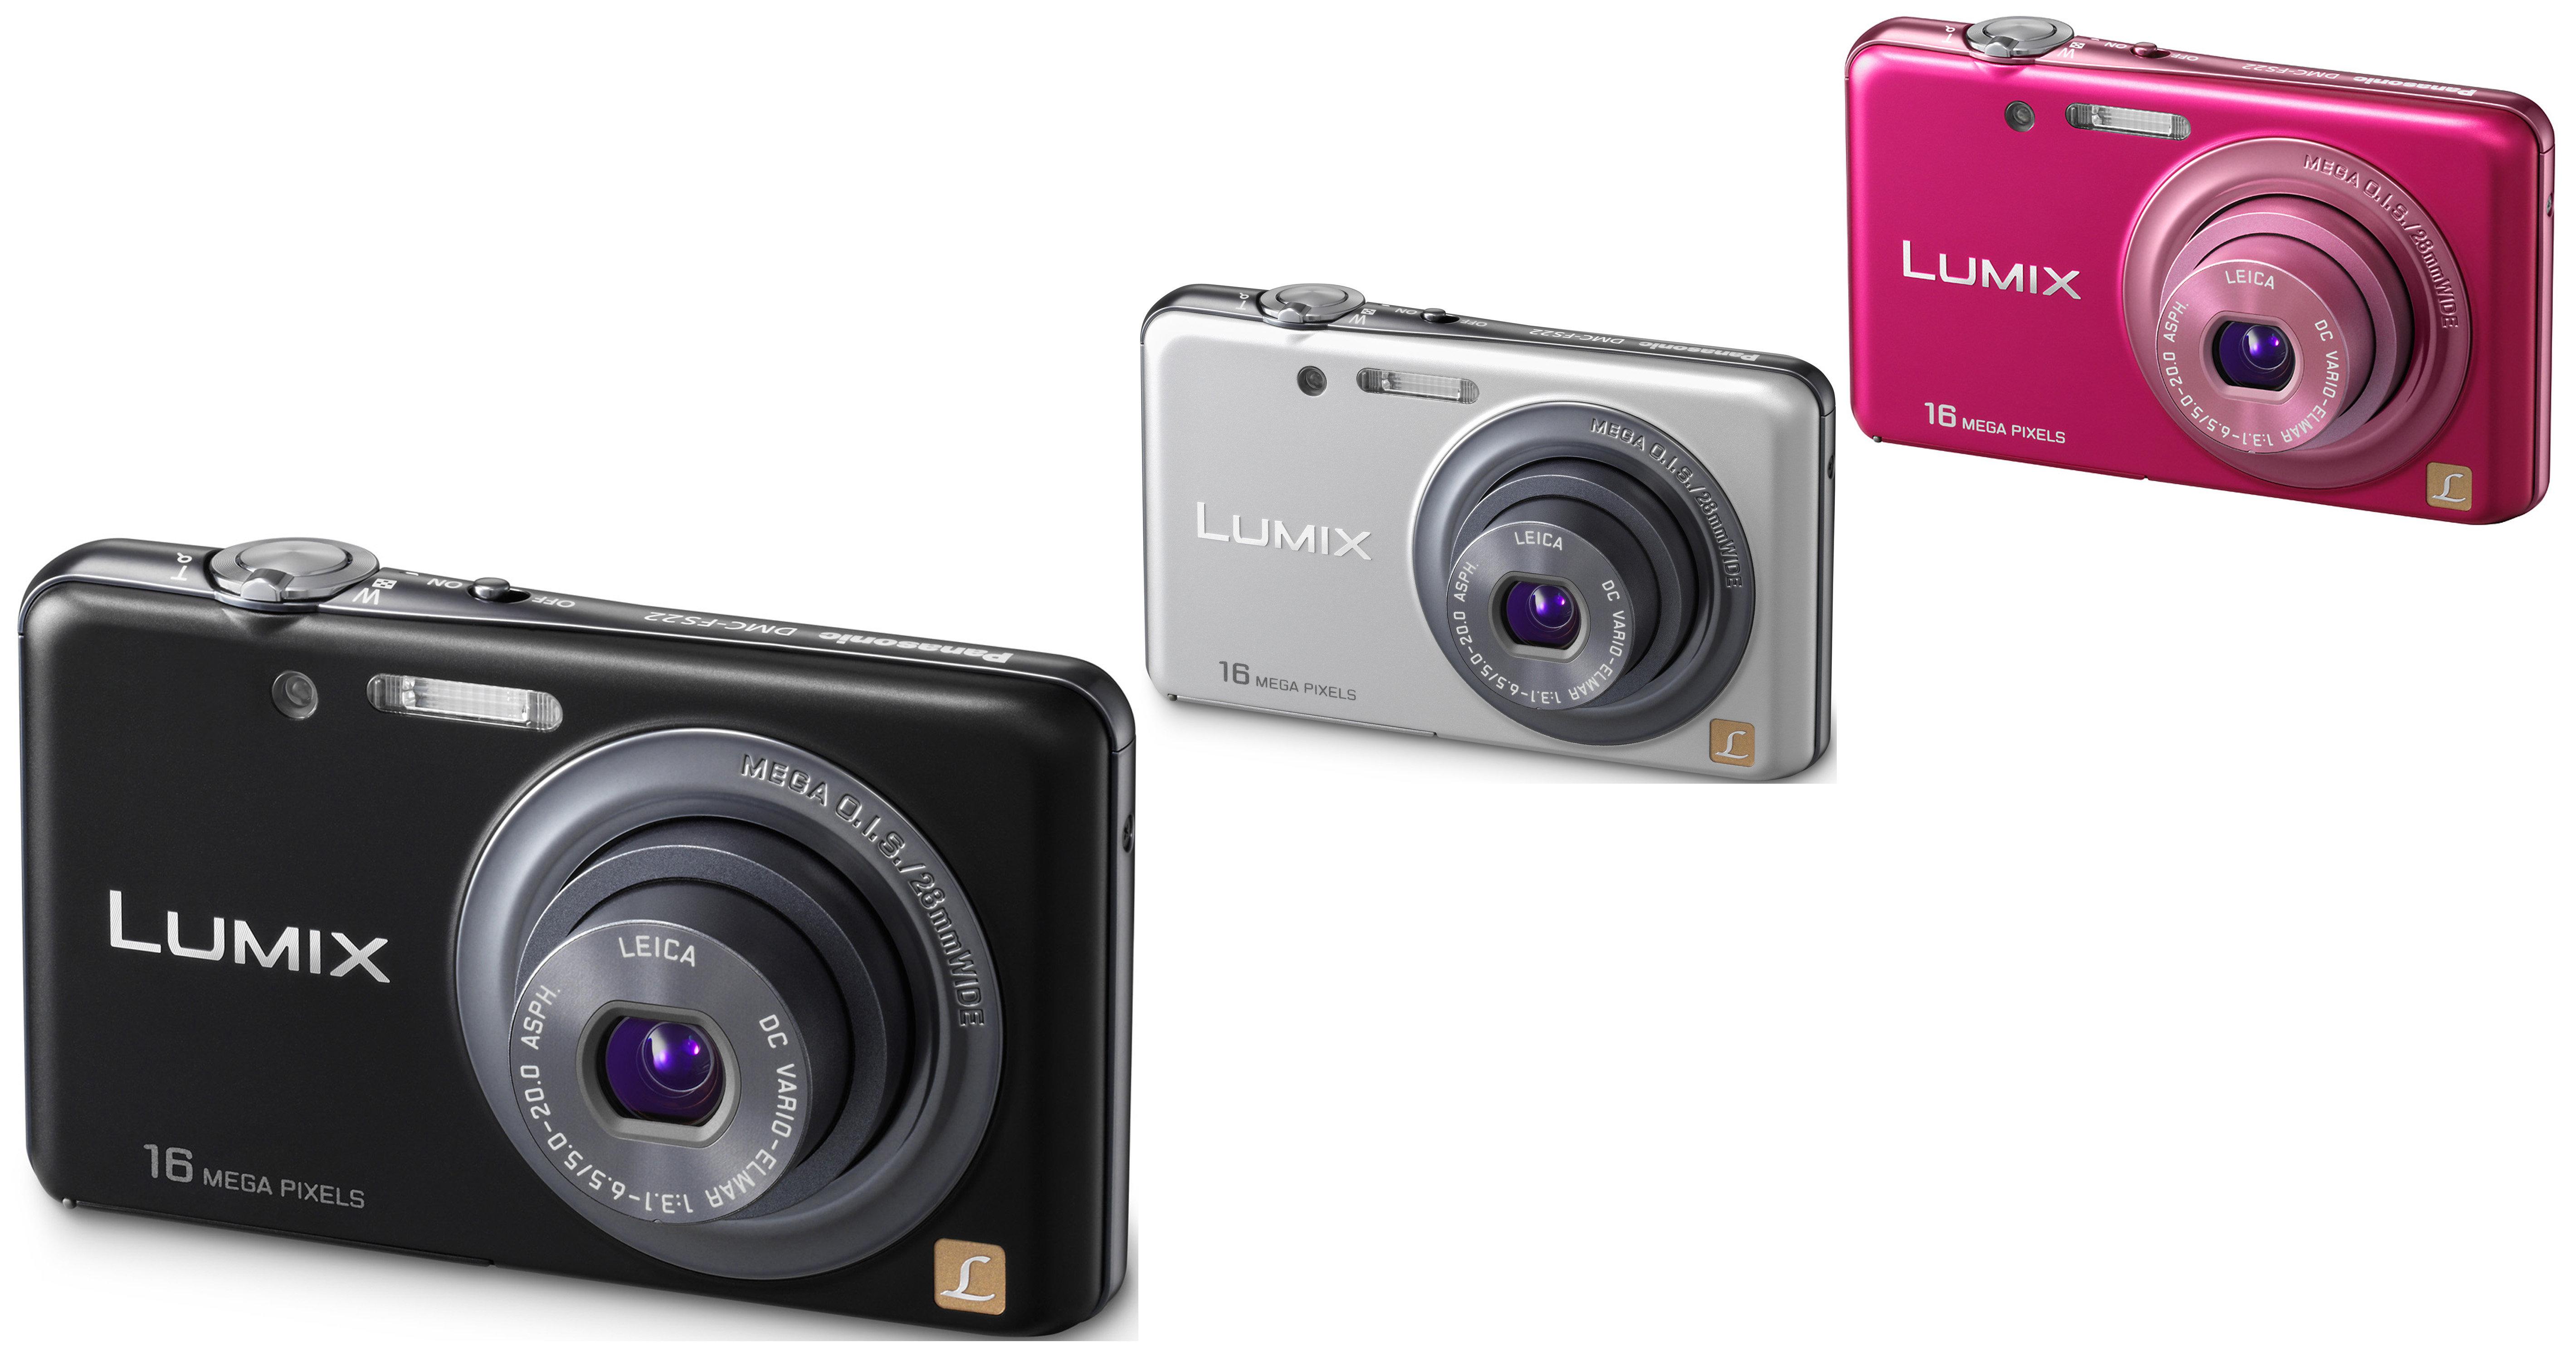 Panasonic Lumix DMC-FS22EG-K Digitalkamera 3 Zoll: Amazon